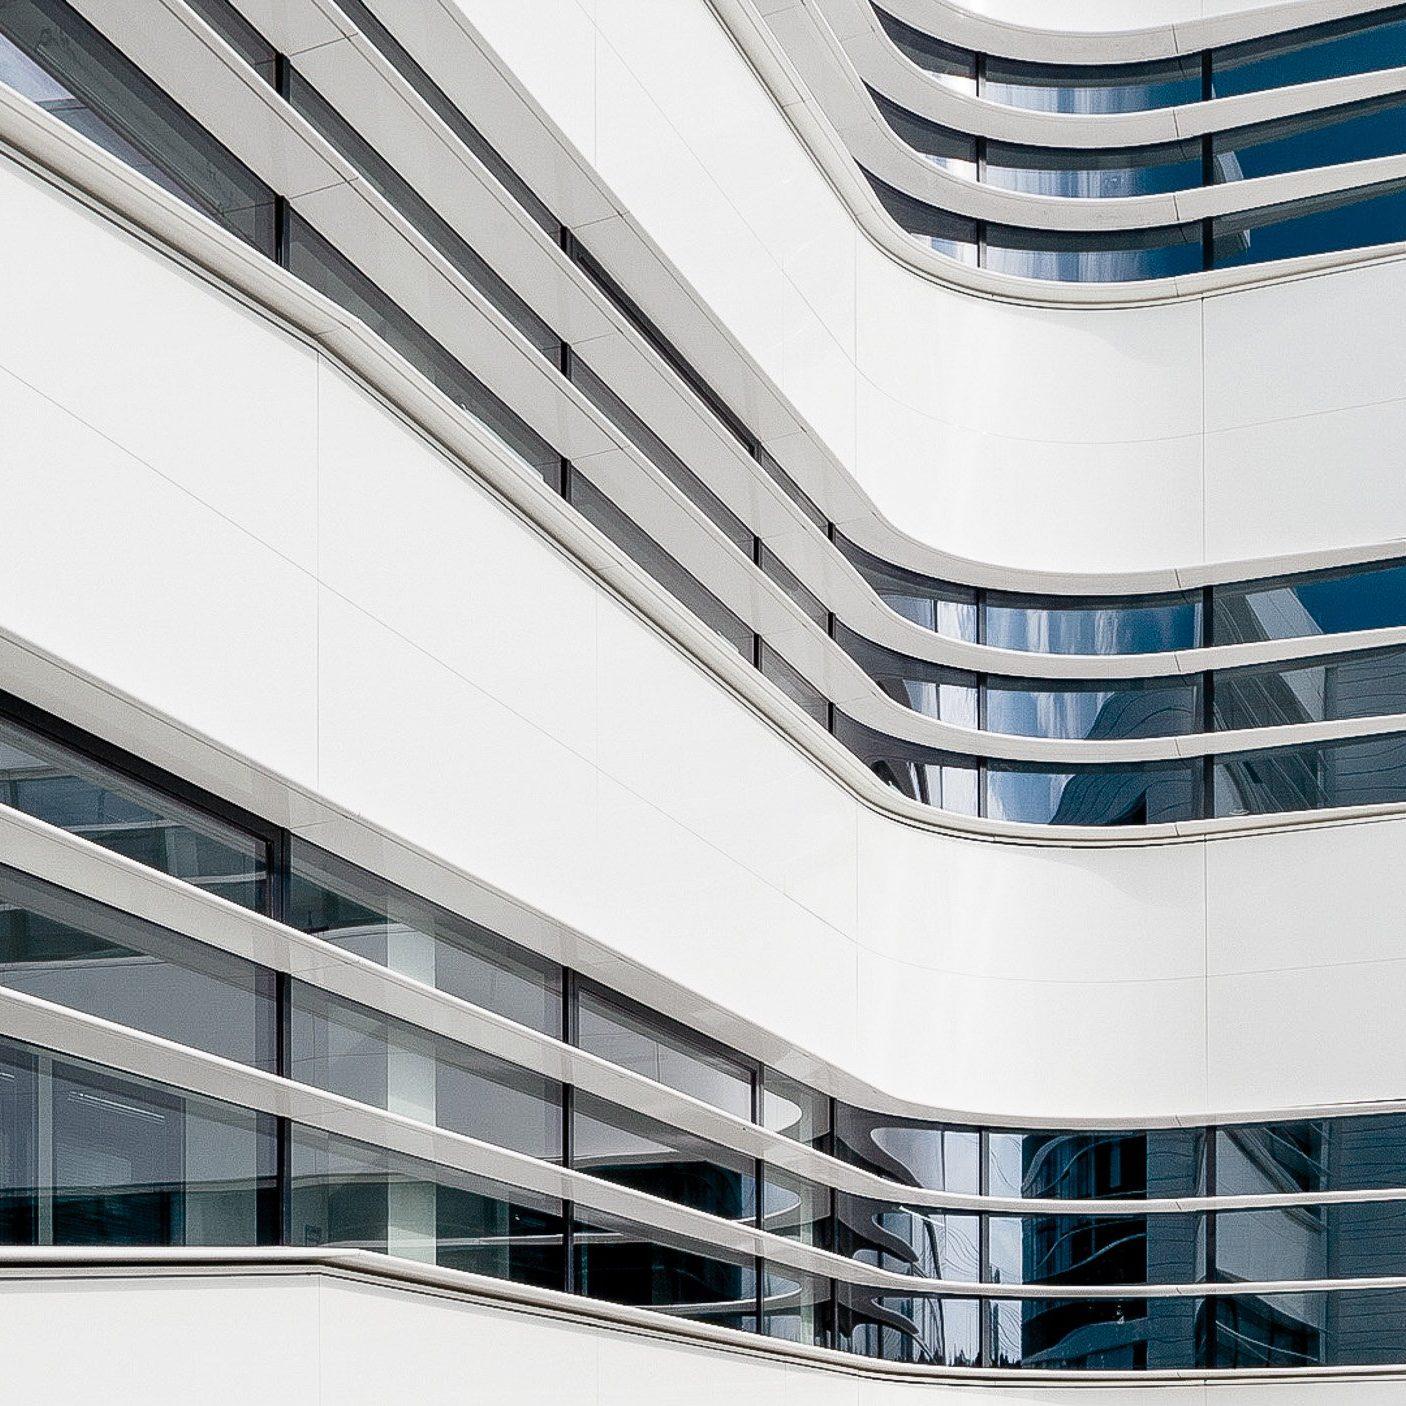 BSH Verwaltungs- und Forschungszentrum Berlin - Detailaufnahme Fassade